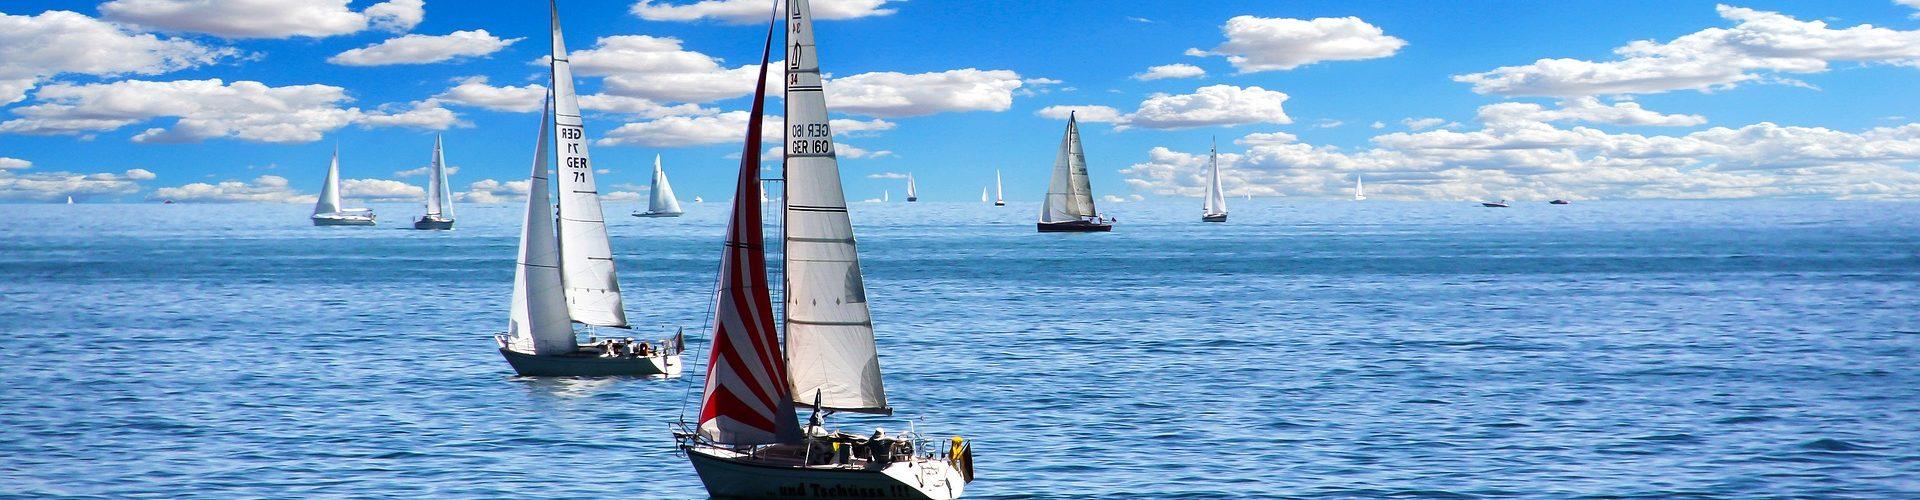 segeln lernen in Heiligenhafen segelschein machen in Heiligenhafen 1920x500 - Segeln lernen in Heiligenhafen